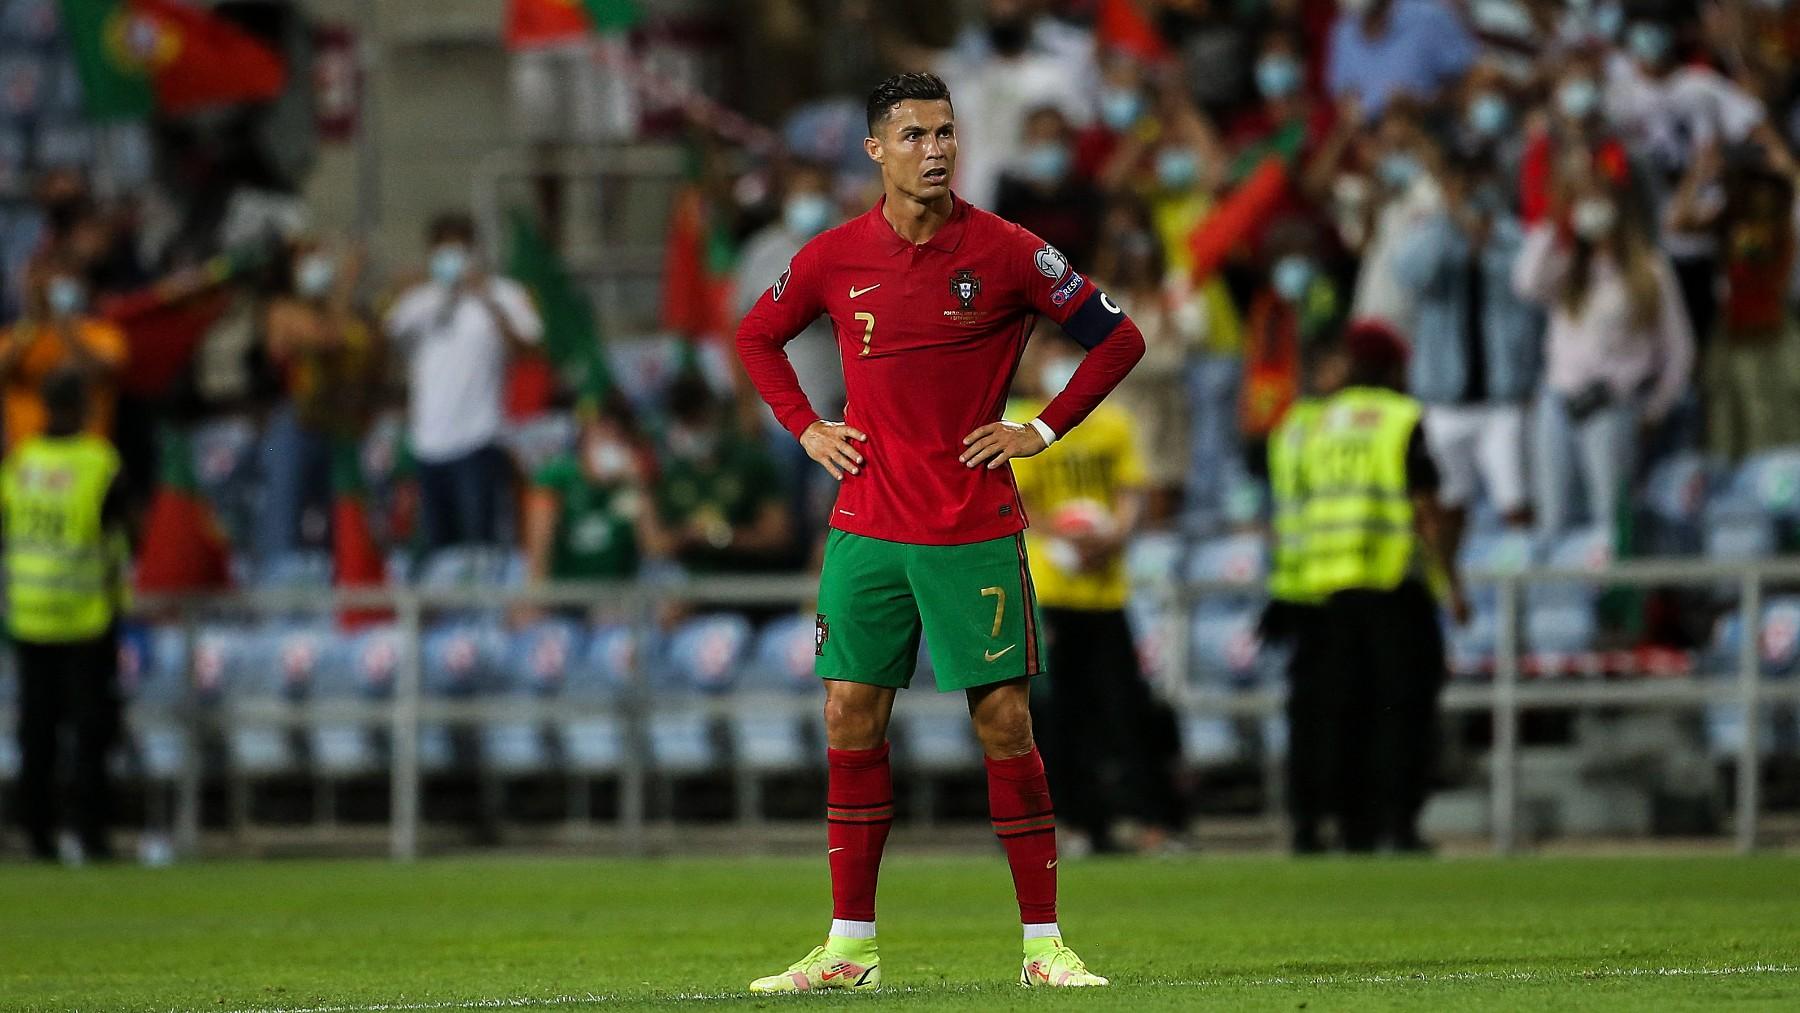 Cristiano celebra un gol con Portugal. (AFP)